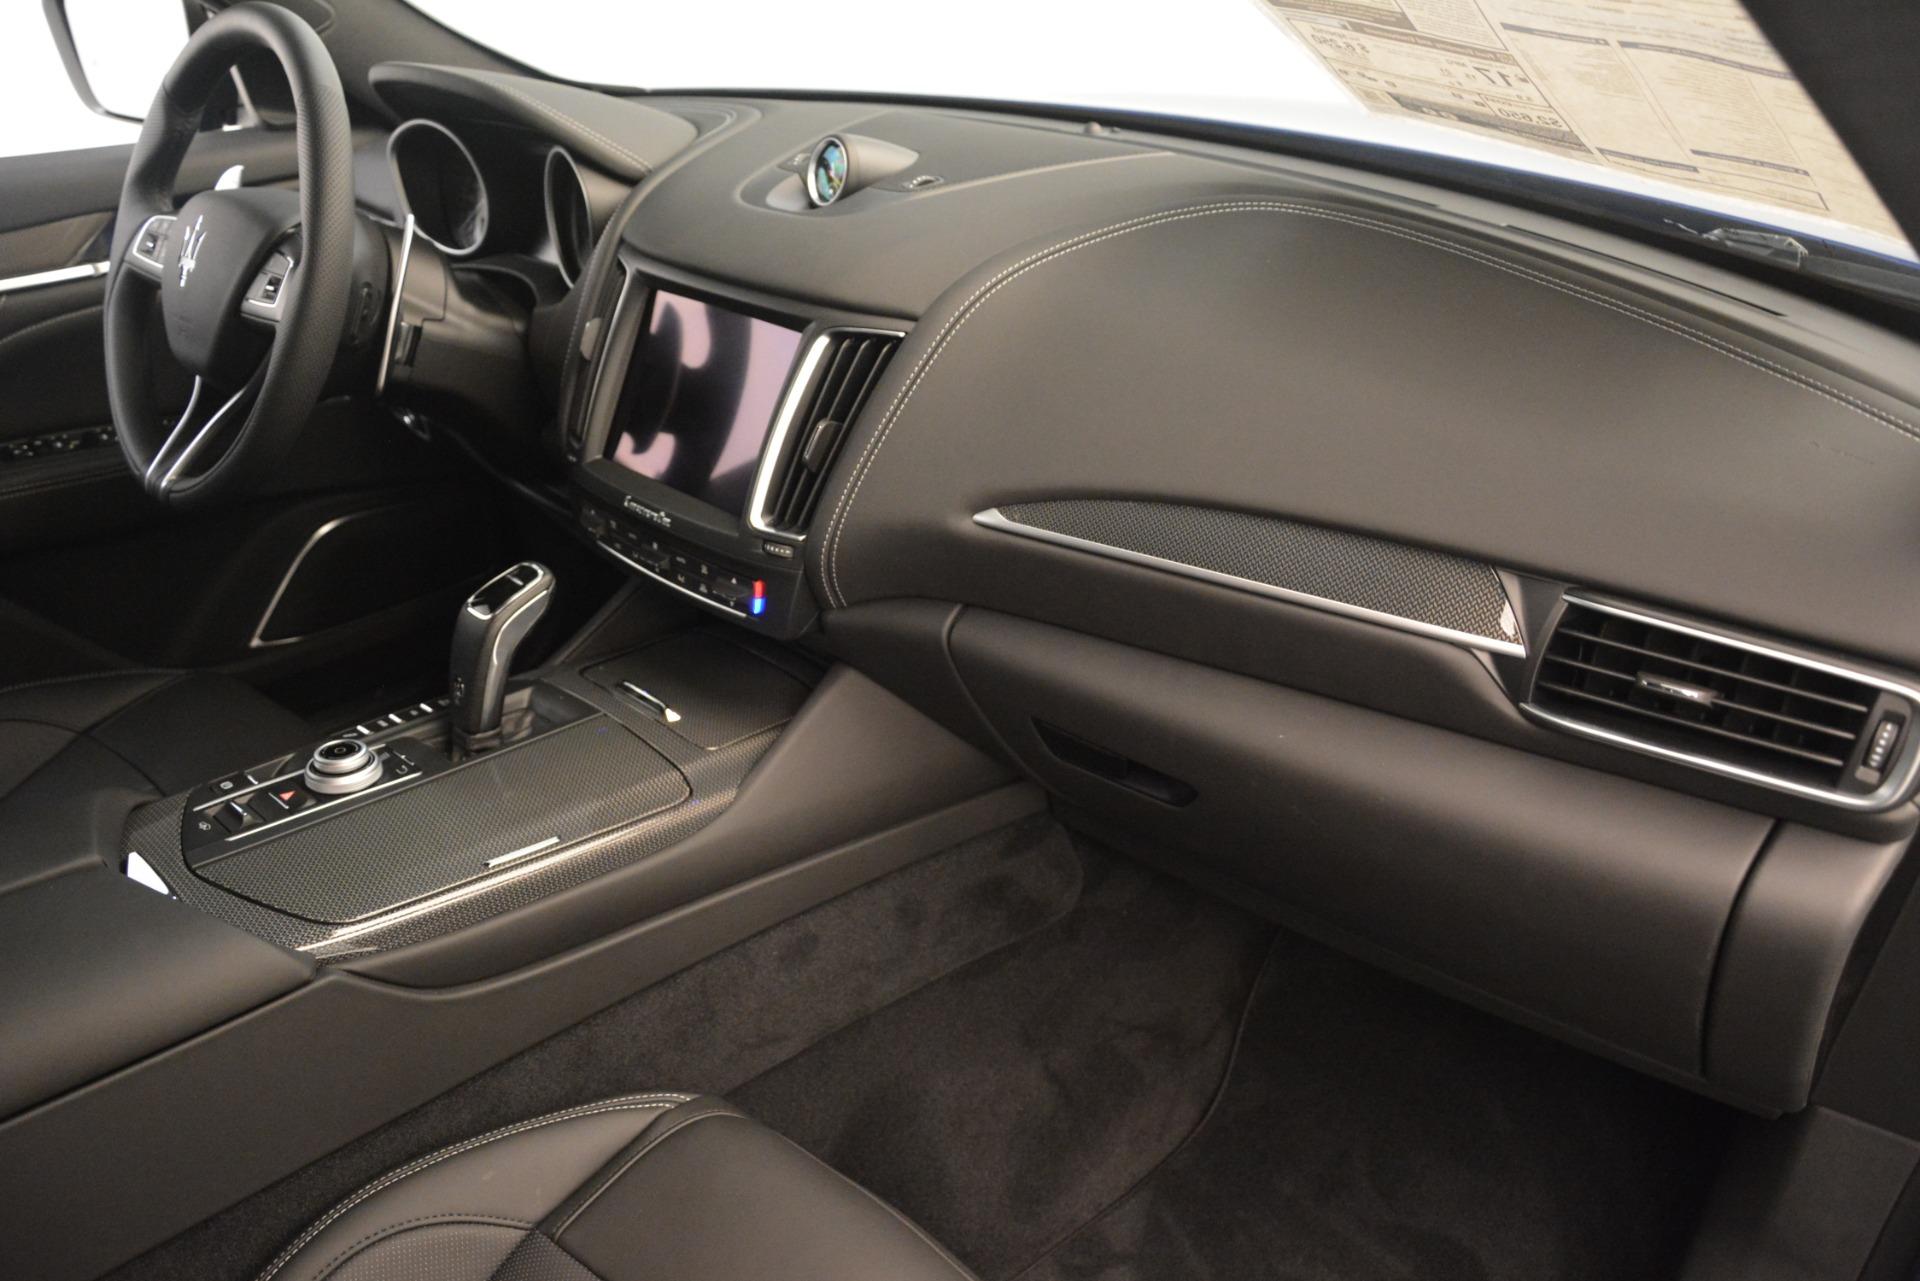 New 2019 Maserati Levante SQ4 GranSport Nerissimo For Sale In Greenwich, CT 3179_p22